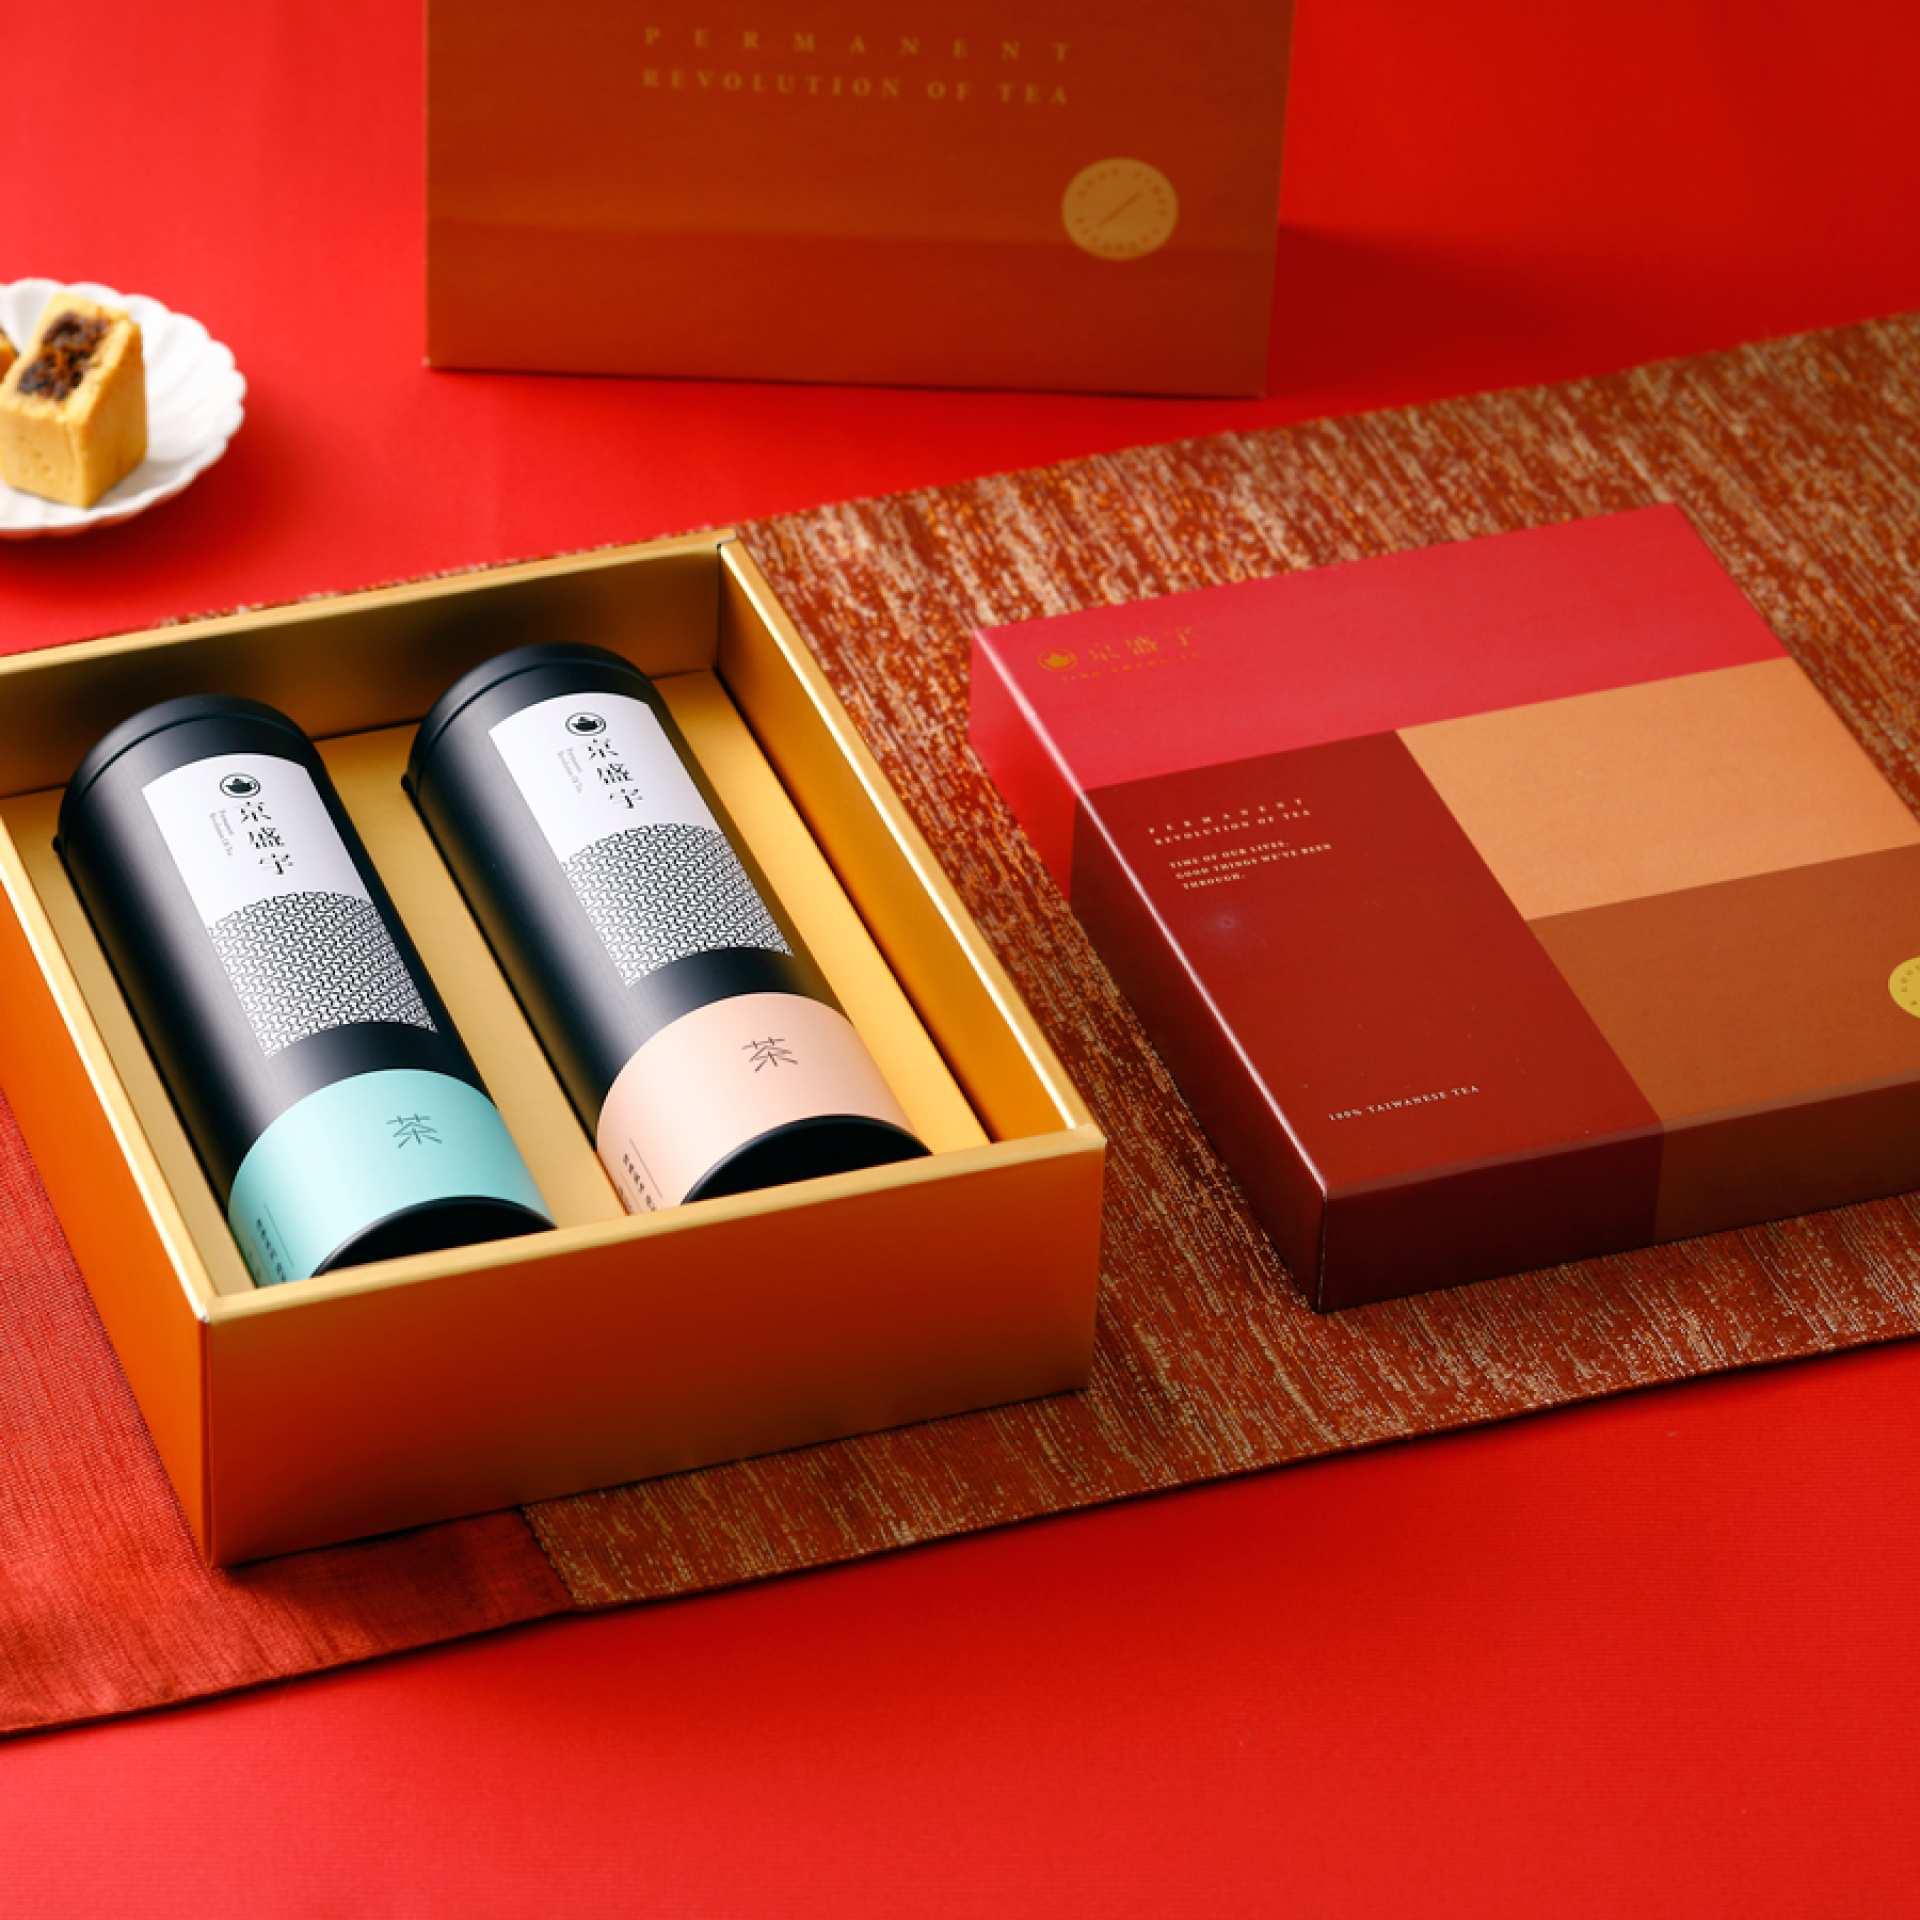 【2021新春限定】京盛宇|台湾茶ギフトボックス・金喜相聚禮盒|おうちで台湾